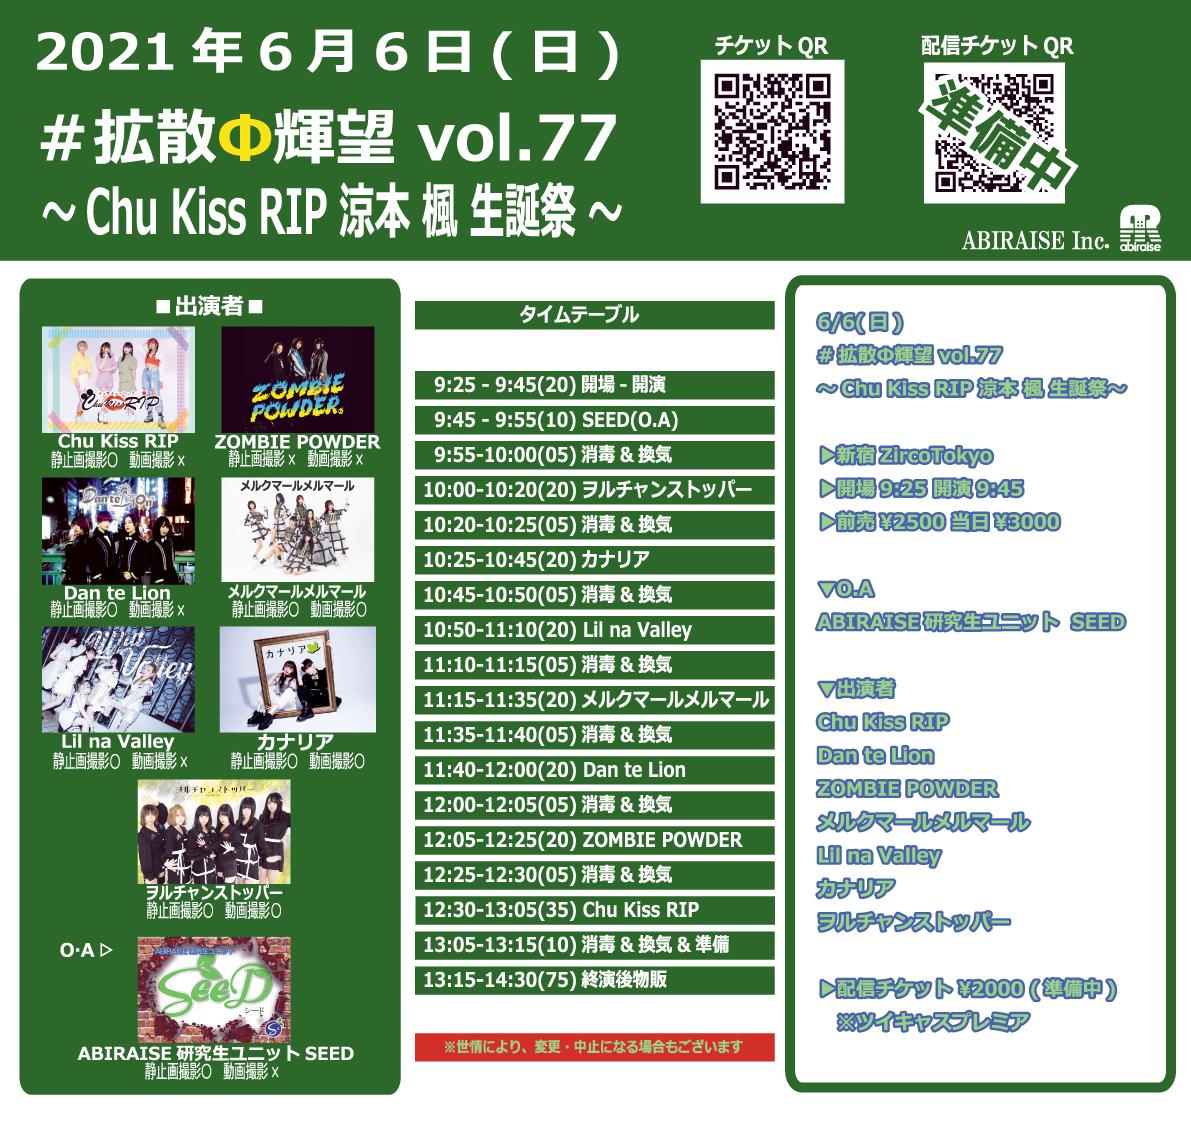 #拡散Φ輝望 vol.77 〜Chu Kiss RIP 涼本 楓 生誕祭〜